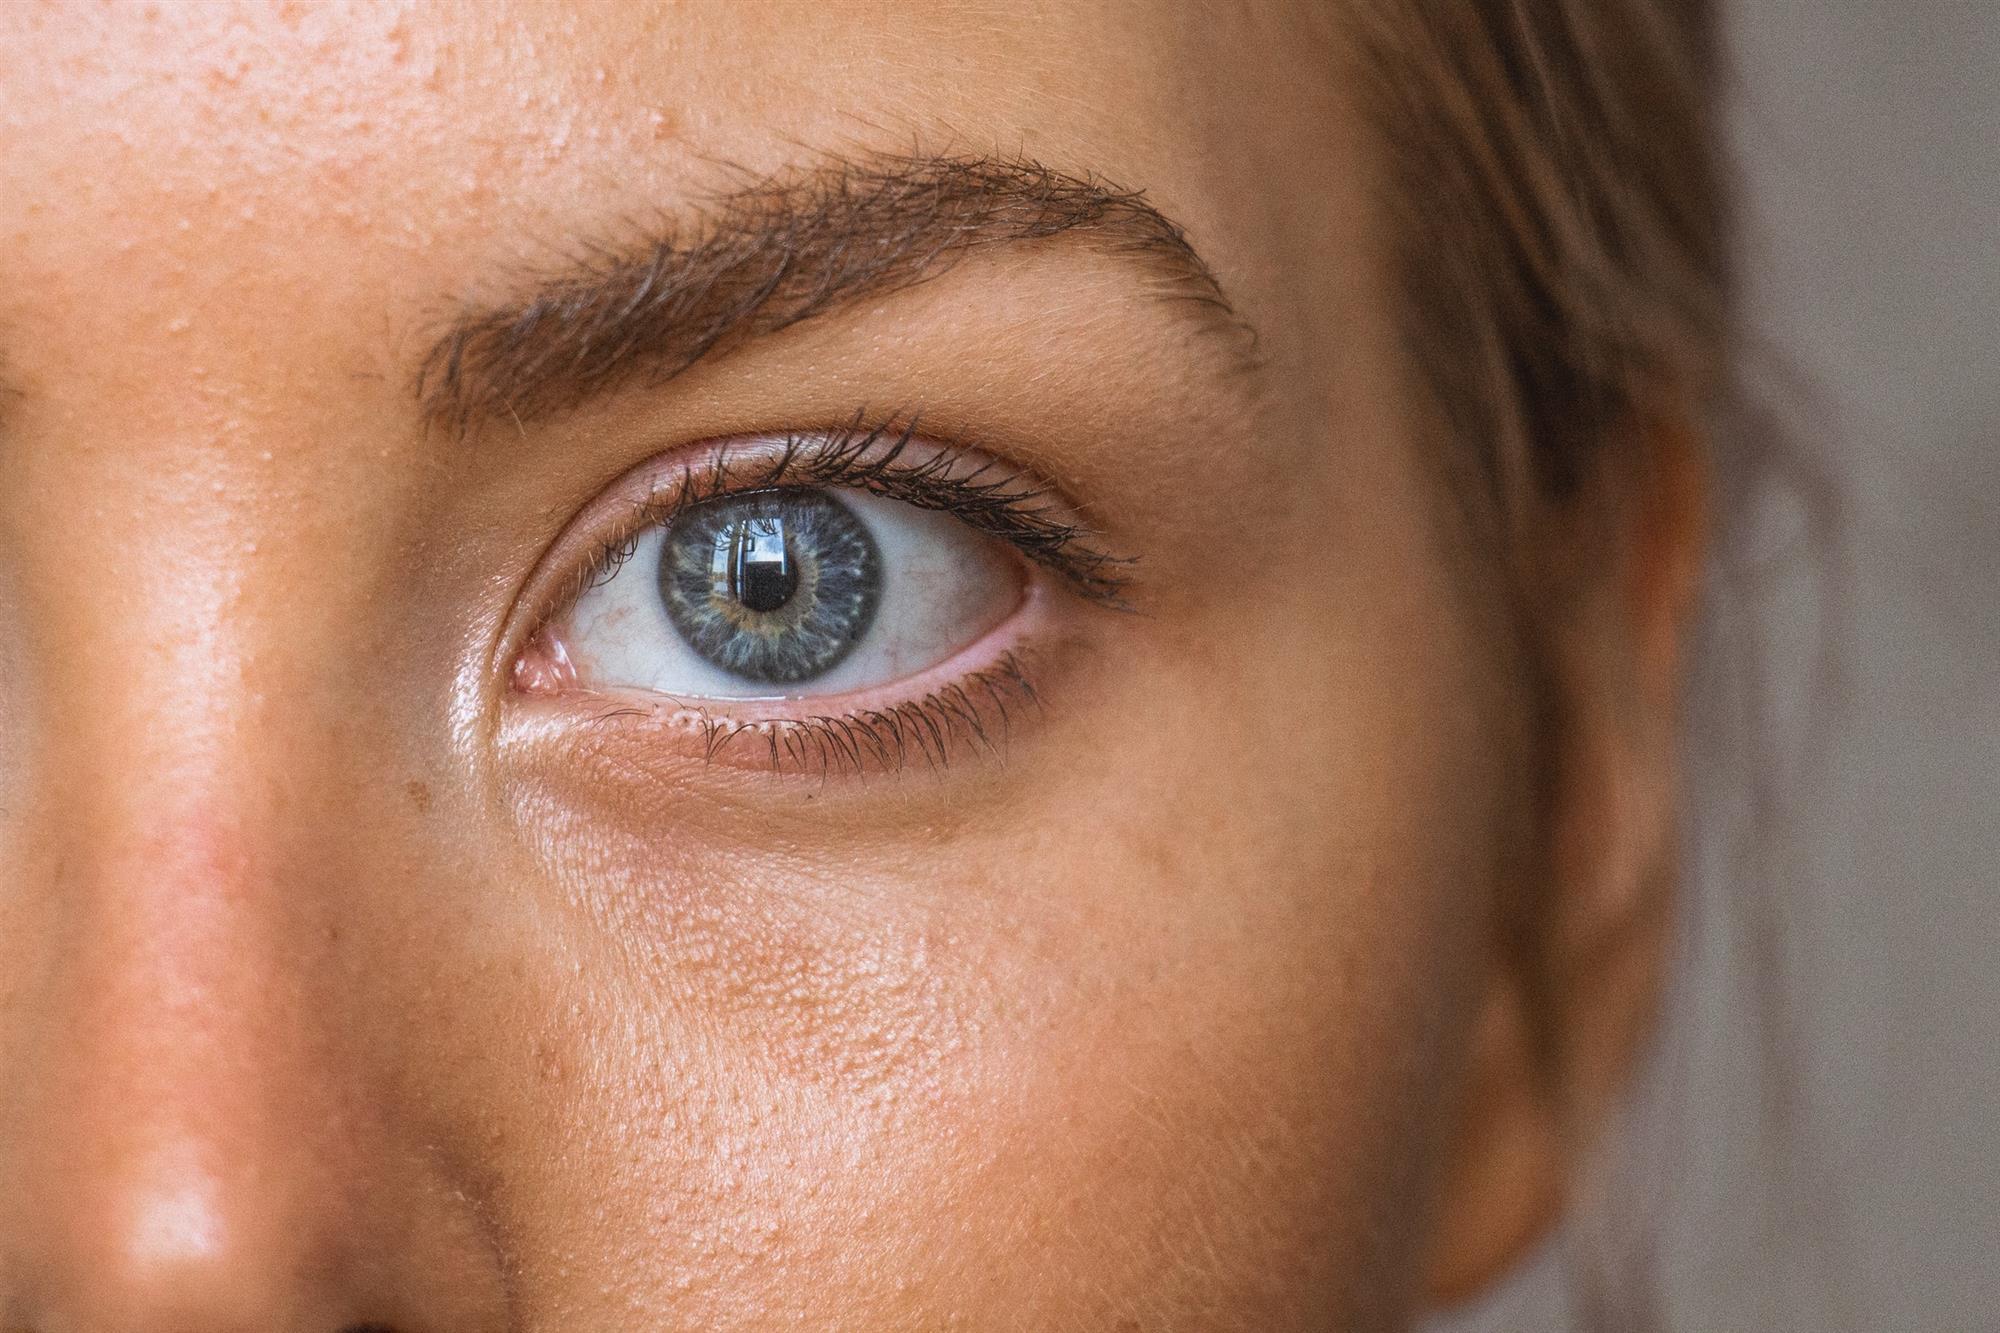 Error: aplicar el contorno de ojos directamente